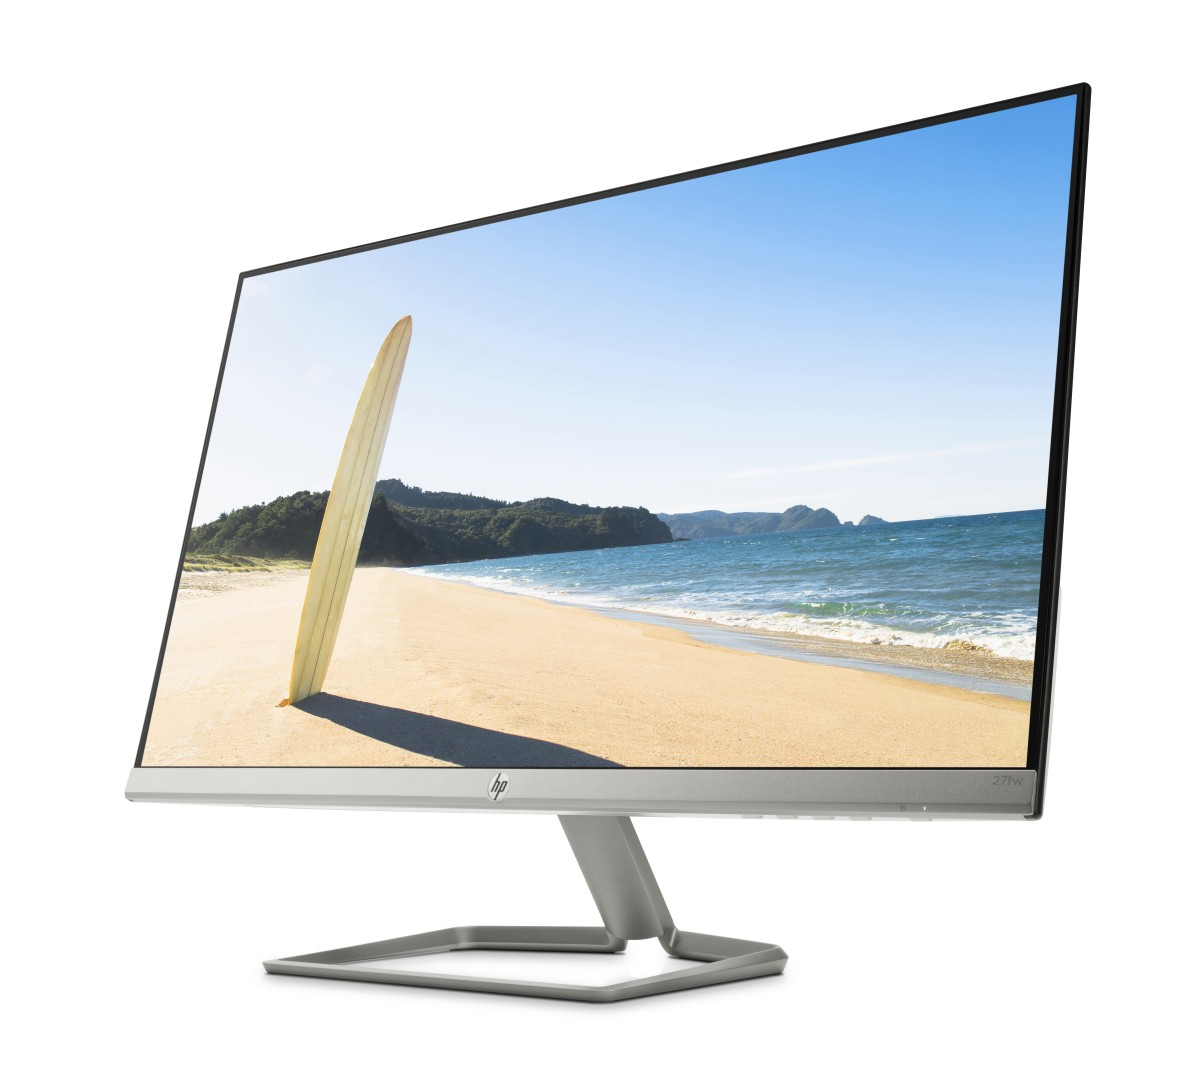 edc2a1bb8 Technológia IPS s LED podsvietením zabezpečuje presnosť obrazu a jednotnosť  v celom ultra-širokom spektre zobrazenia. Displej má antireflexný povrch.